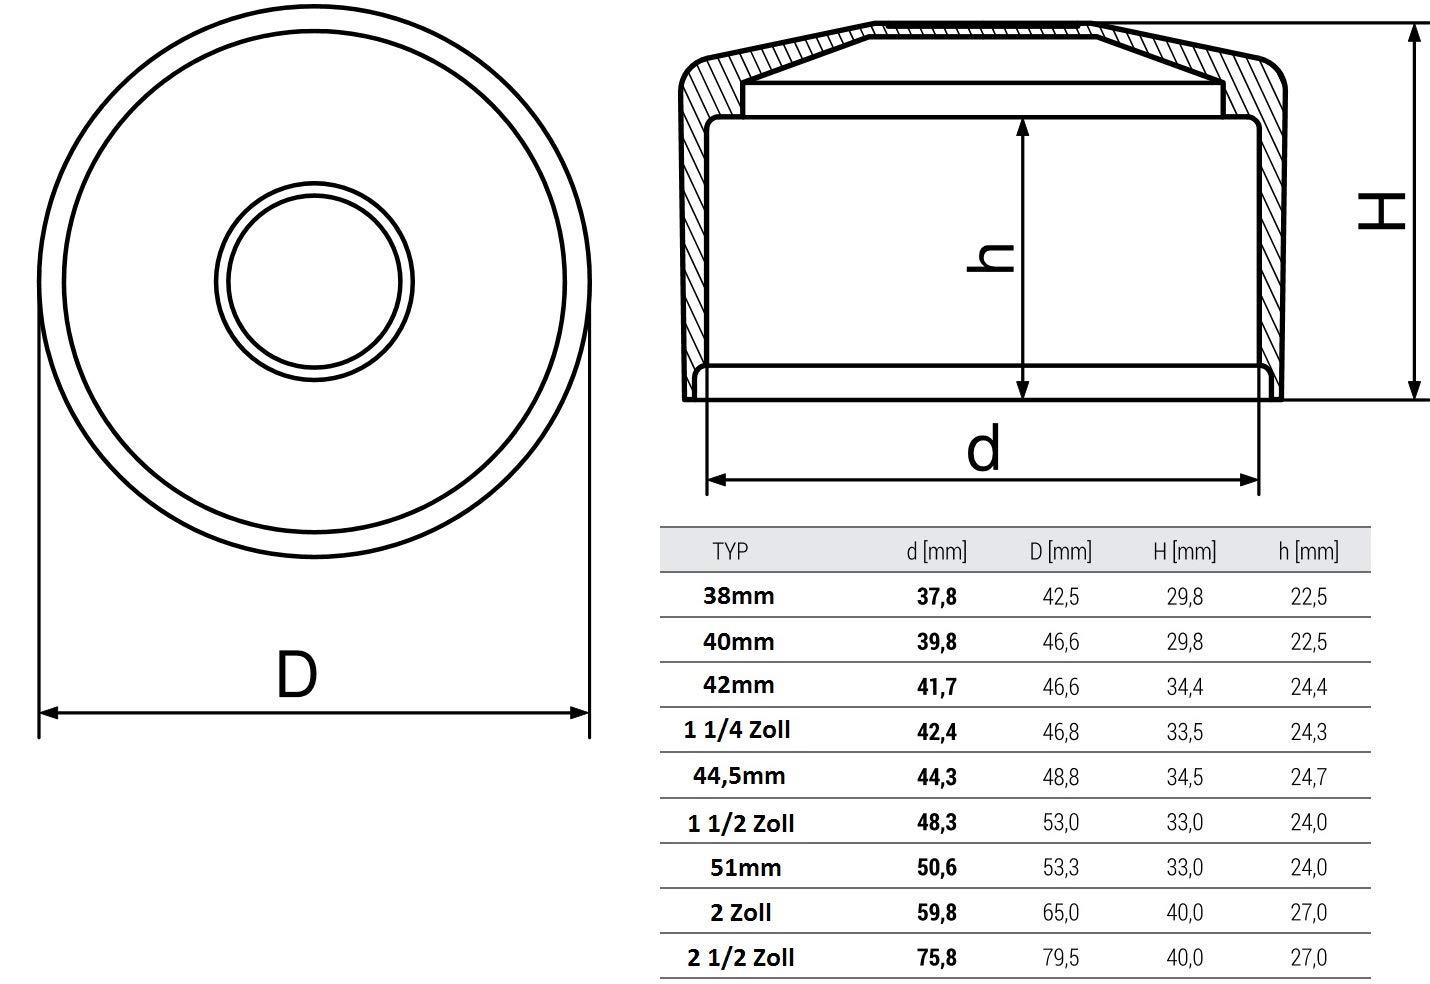 OuM 90 Pezzi Tappo per Pali di Recinzione Rotondo 38 mm 40 mm 42 mm 42,4 mm 44,5 mm 48,3 mm 51 mm 60,3 mm 76 mm